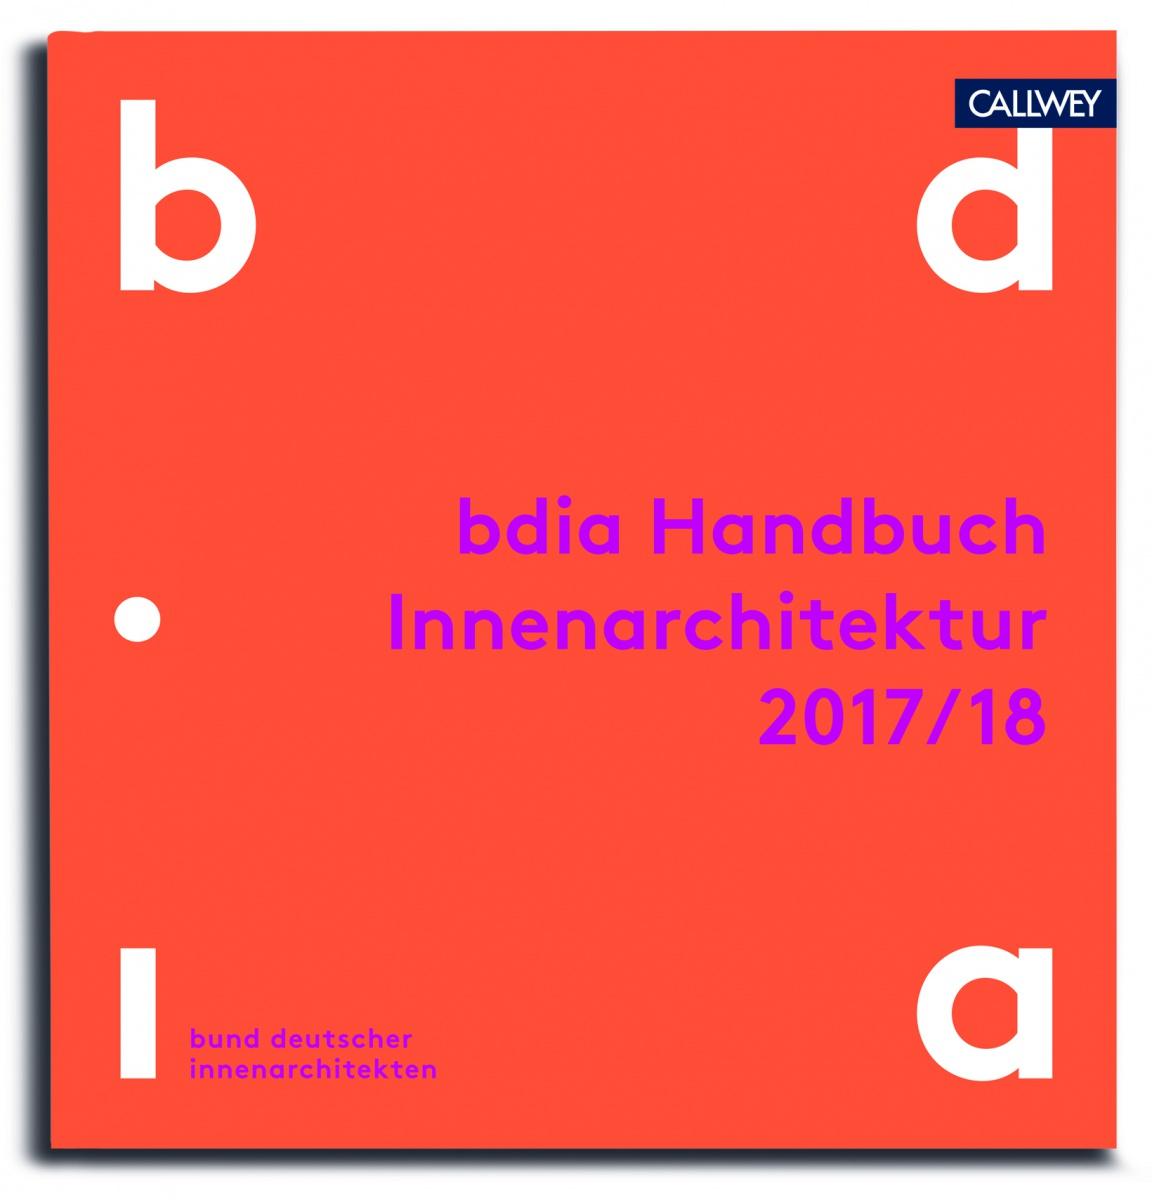 Innenarchitektur Verband Deutschland bdia handbuchausstellung bund deutscher innenarchitekten bdia